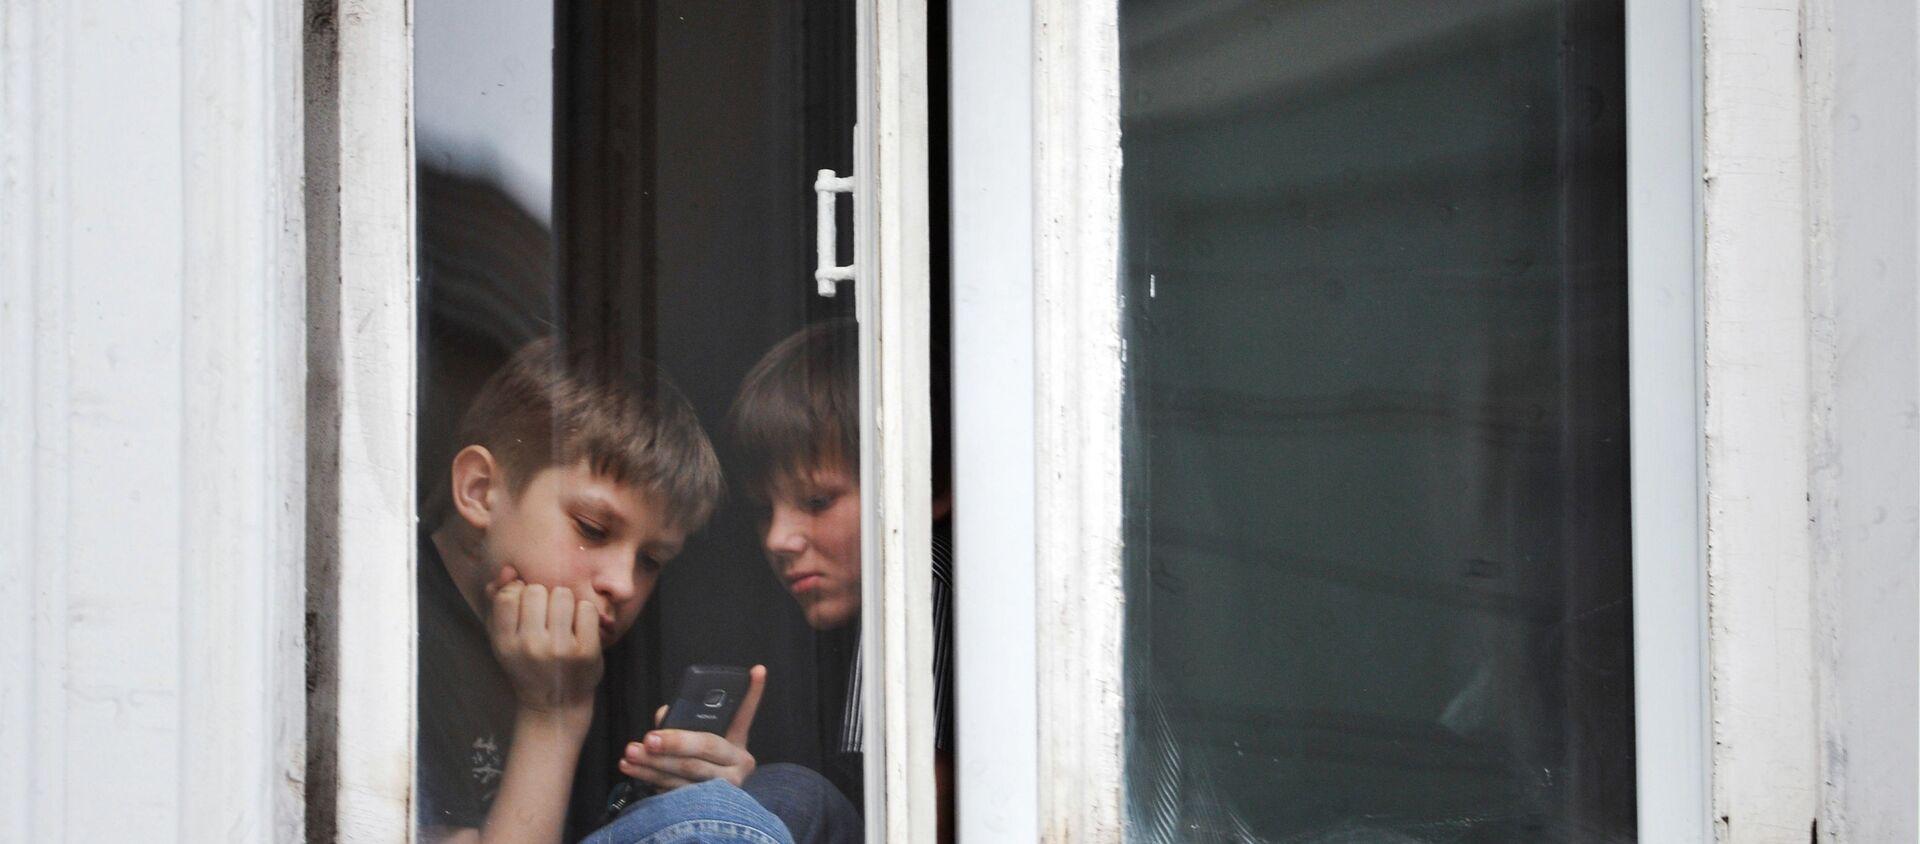 Дети в самоизоляции играют в игры на мобильном телефоне - Sputnik Грузия, 1920, 04.06.2021